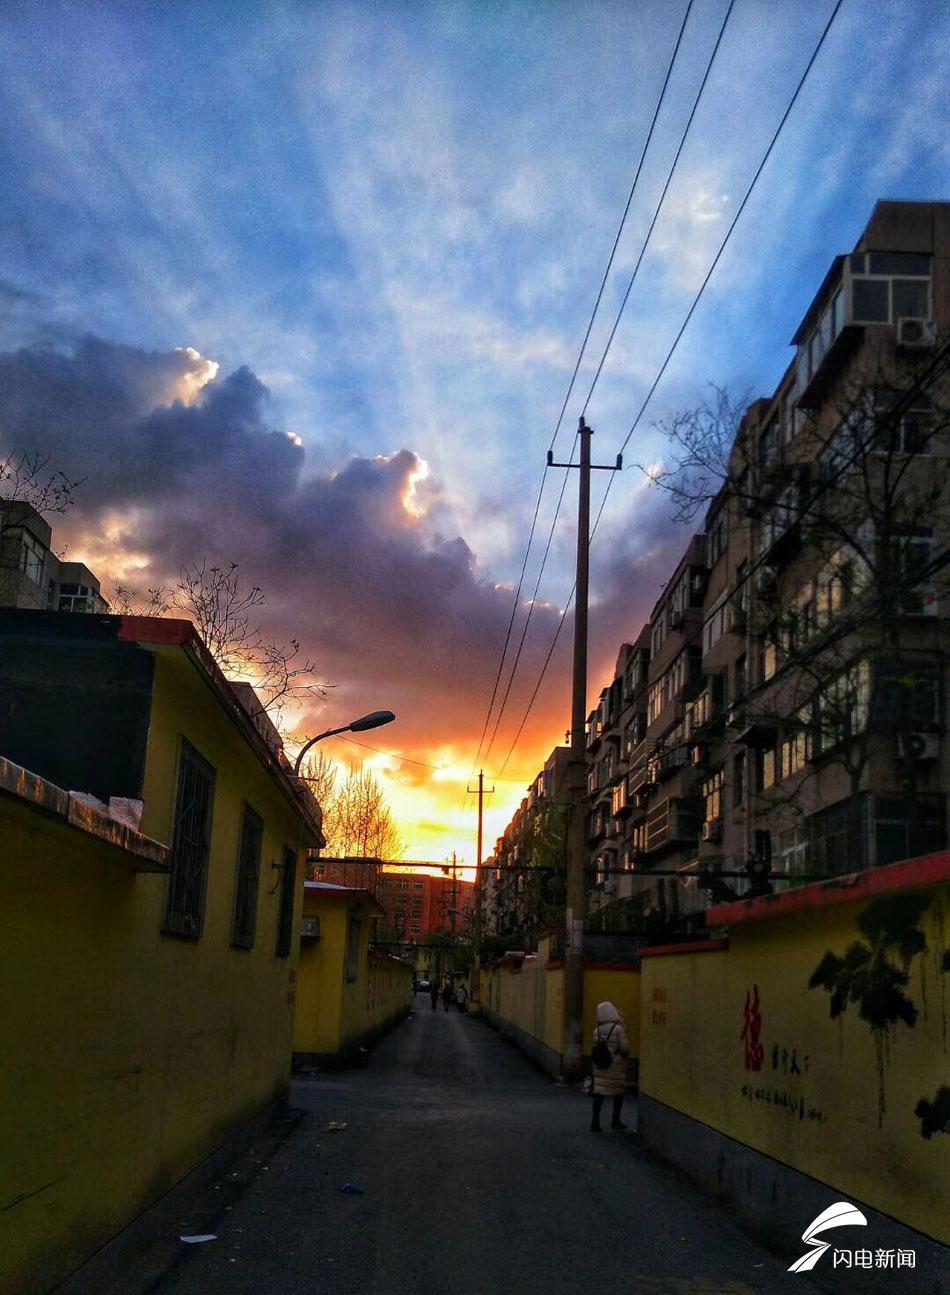 <br/>  4月6日,济南,清明假期的第二天,夕阳西下,美不胜收。<br/>